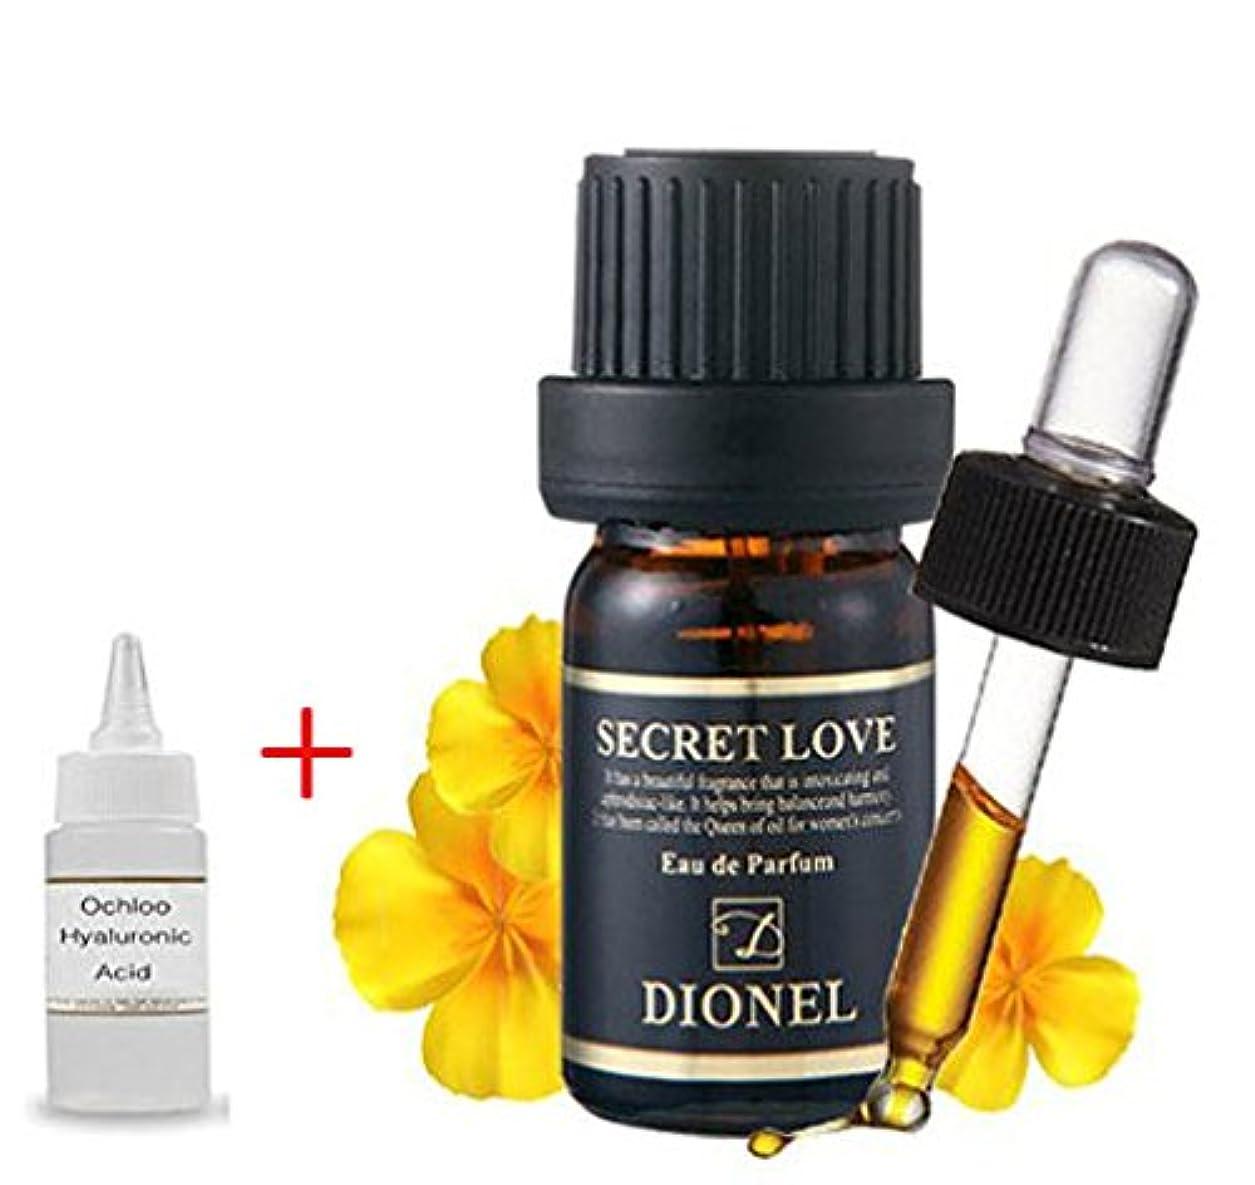 破壊的安全なぼろ[Dionel] 香水のような女性清潔剤、プレミアムアロマエッセンス Original Love Secret Black Edition Dionel 5ml. ラブブラックエディション、一滴の奇跡. Made in...